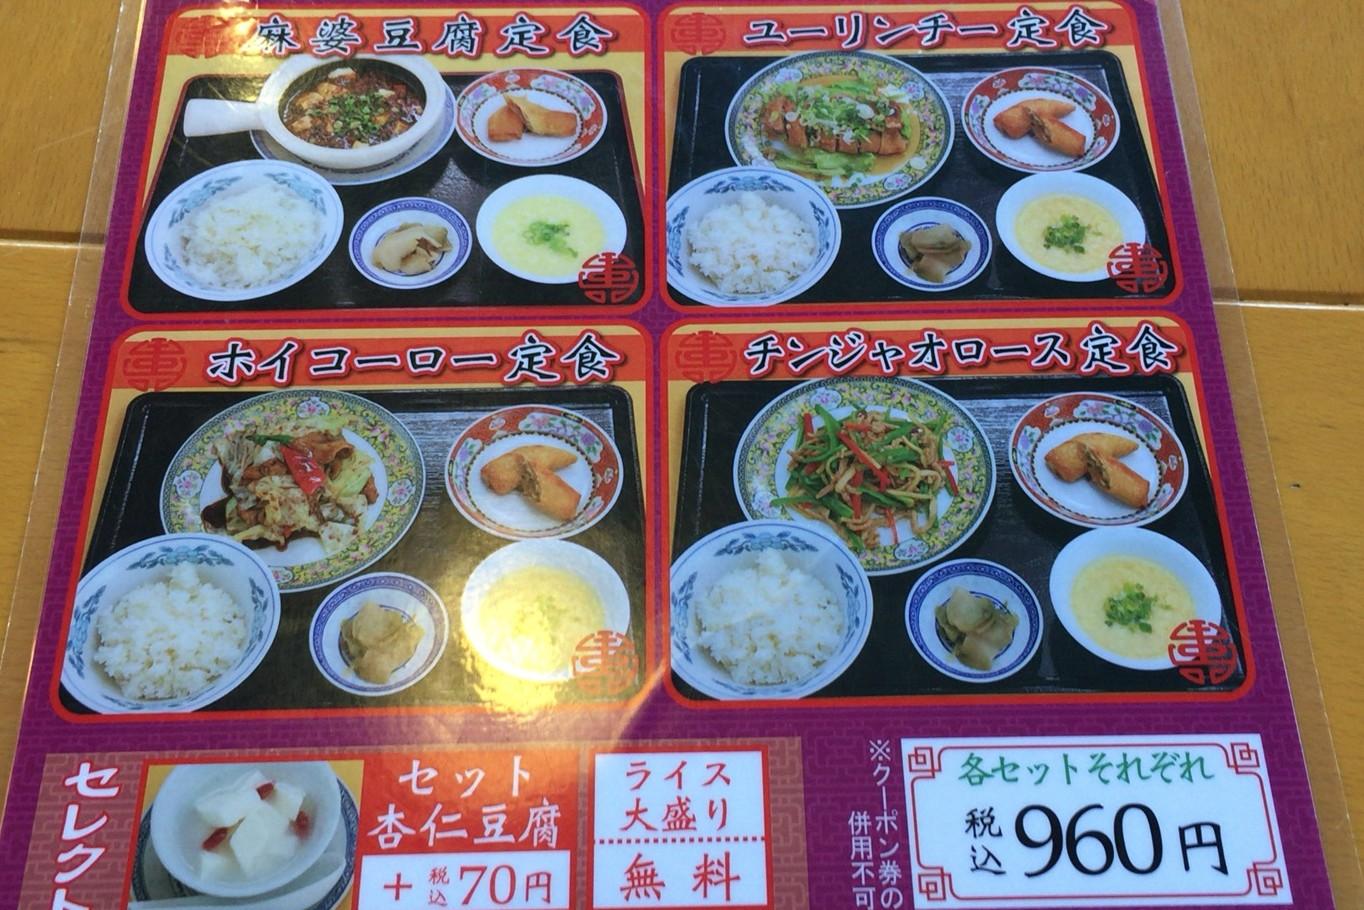 【さいたま市見沼区】中国ラーメン 揚州商人のランチセットはおすすめです!